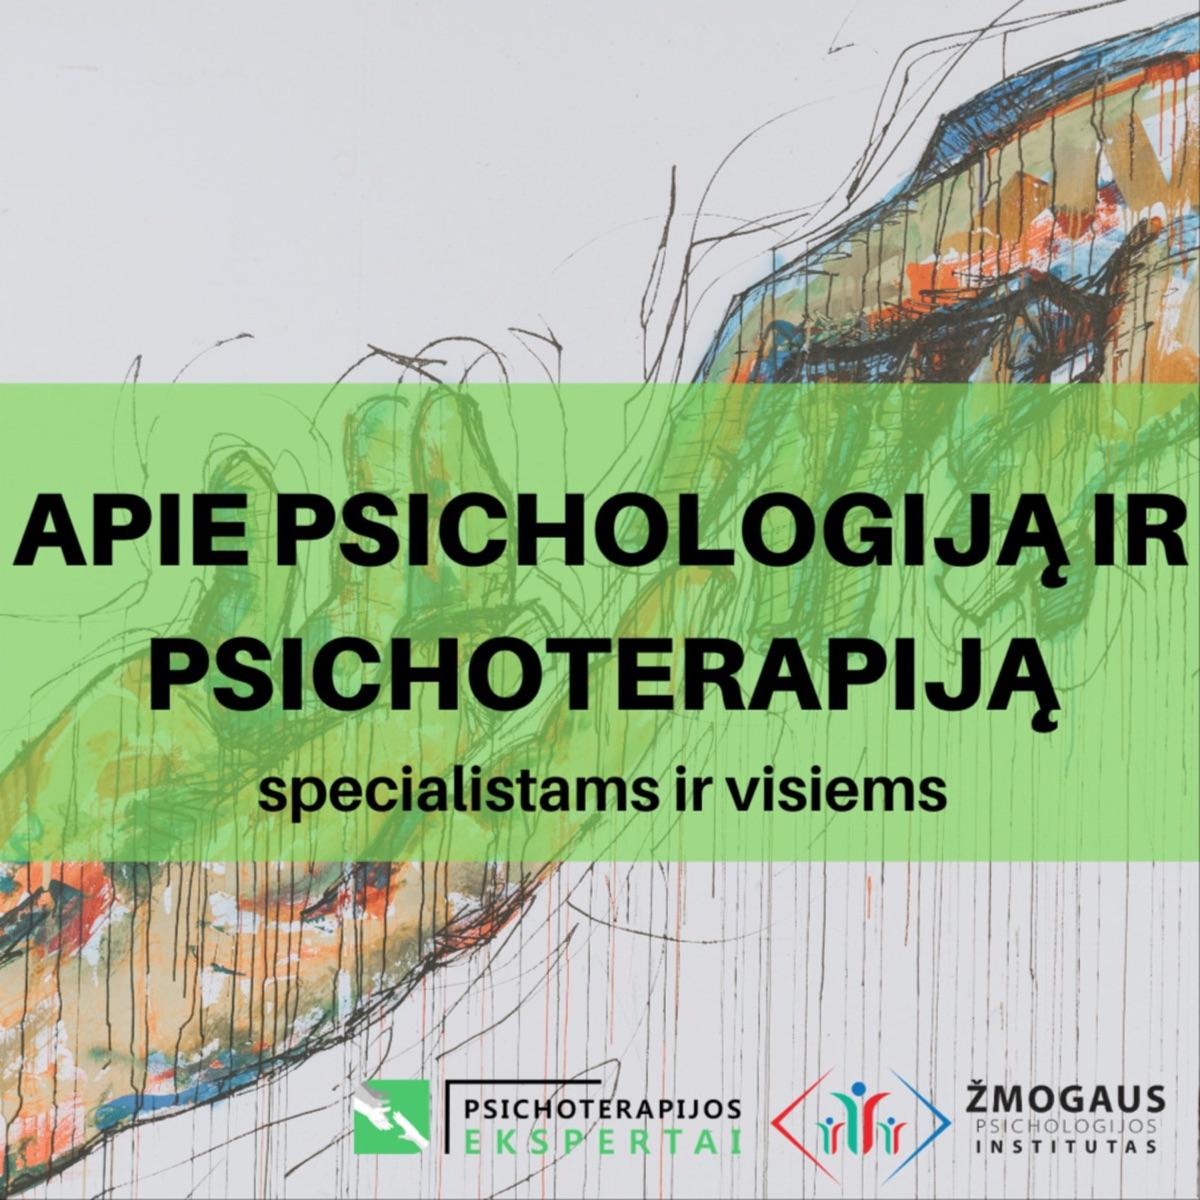 Psichoterapijos ekspertai - Žmogaus institutas